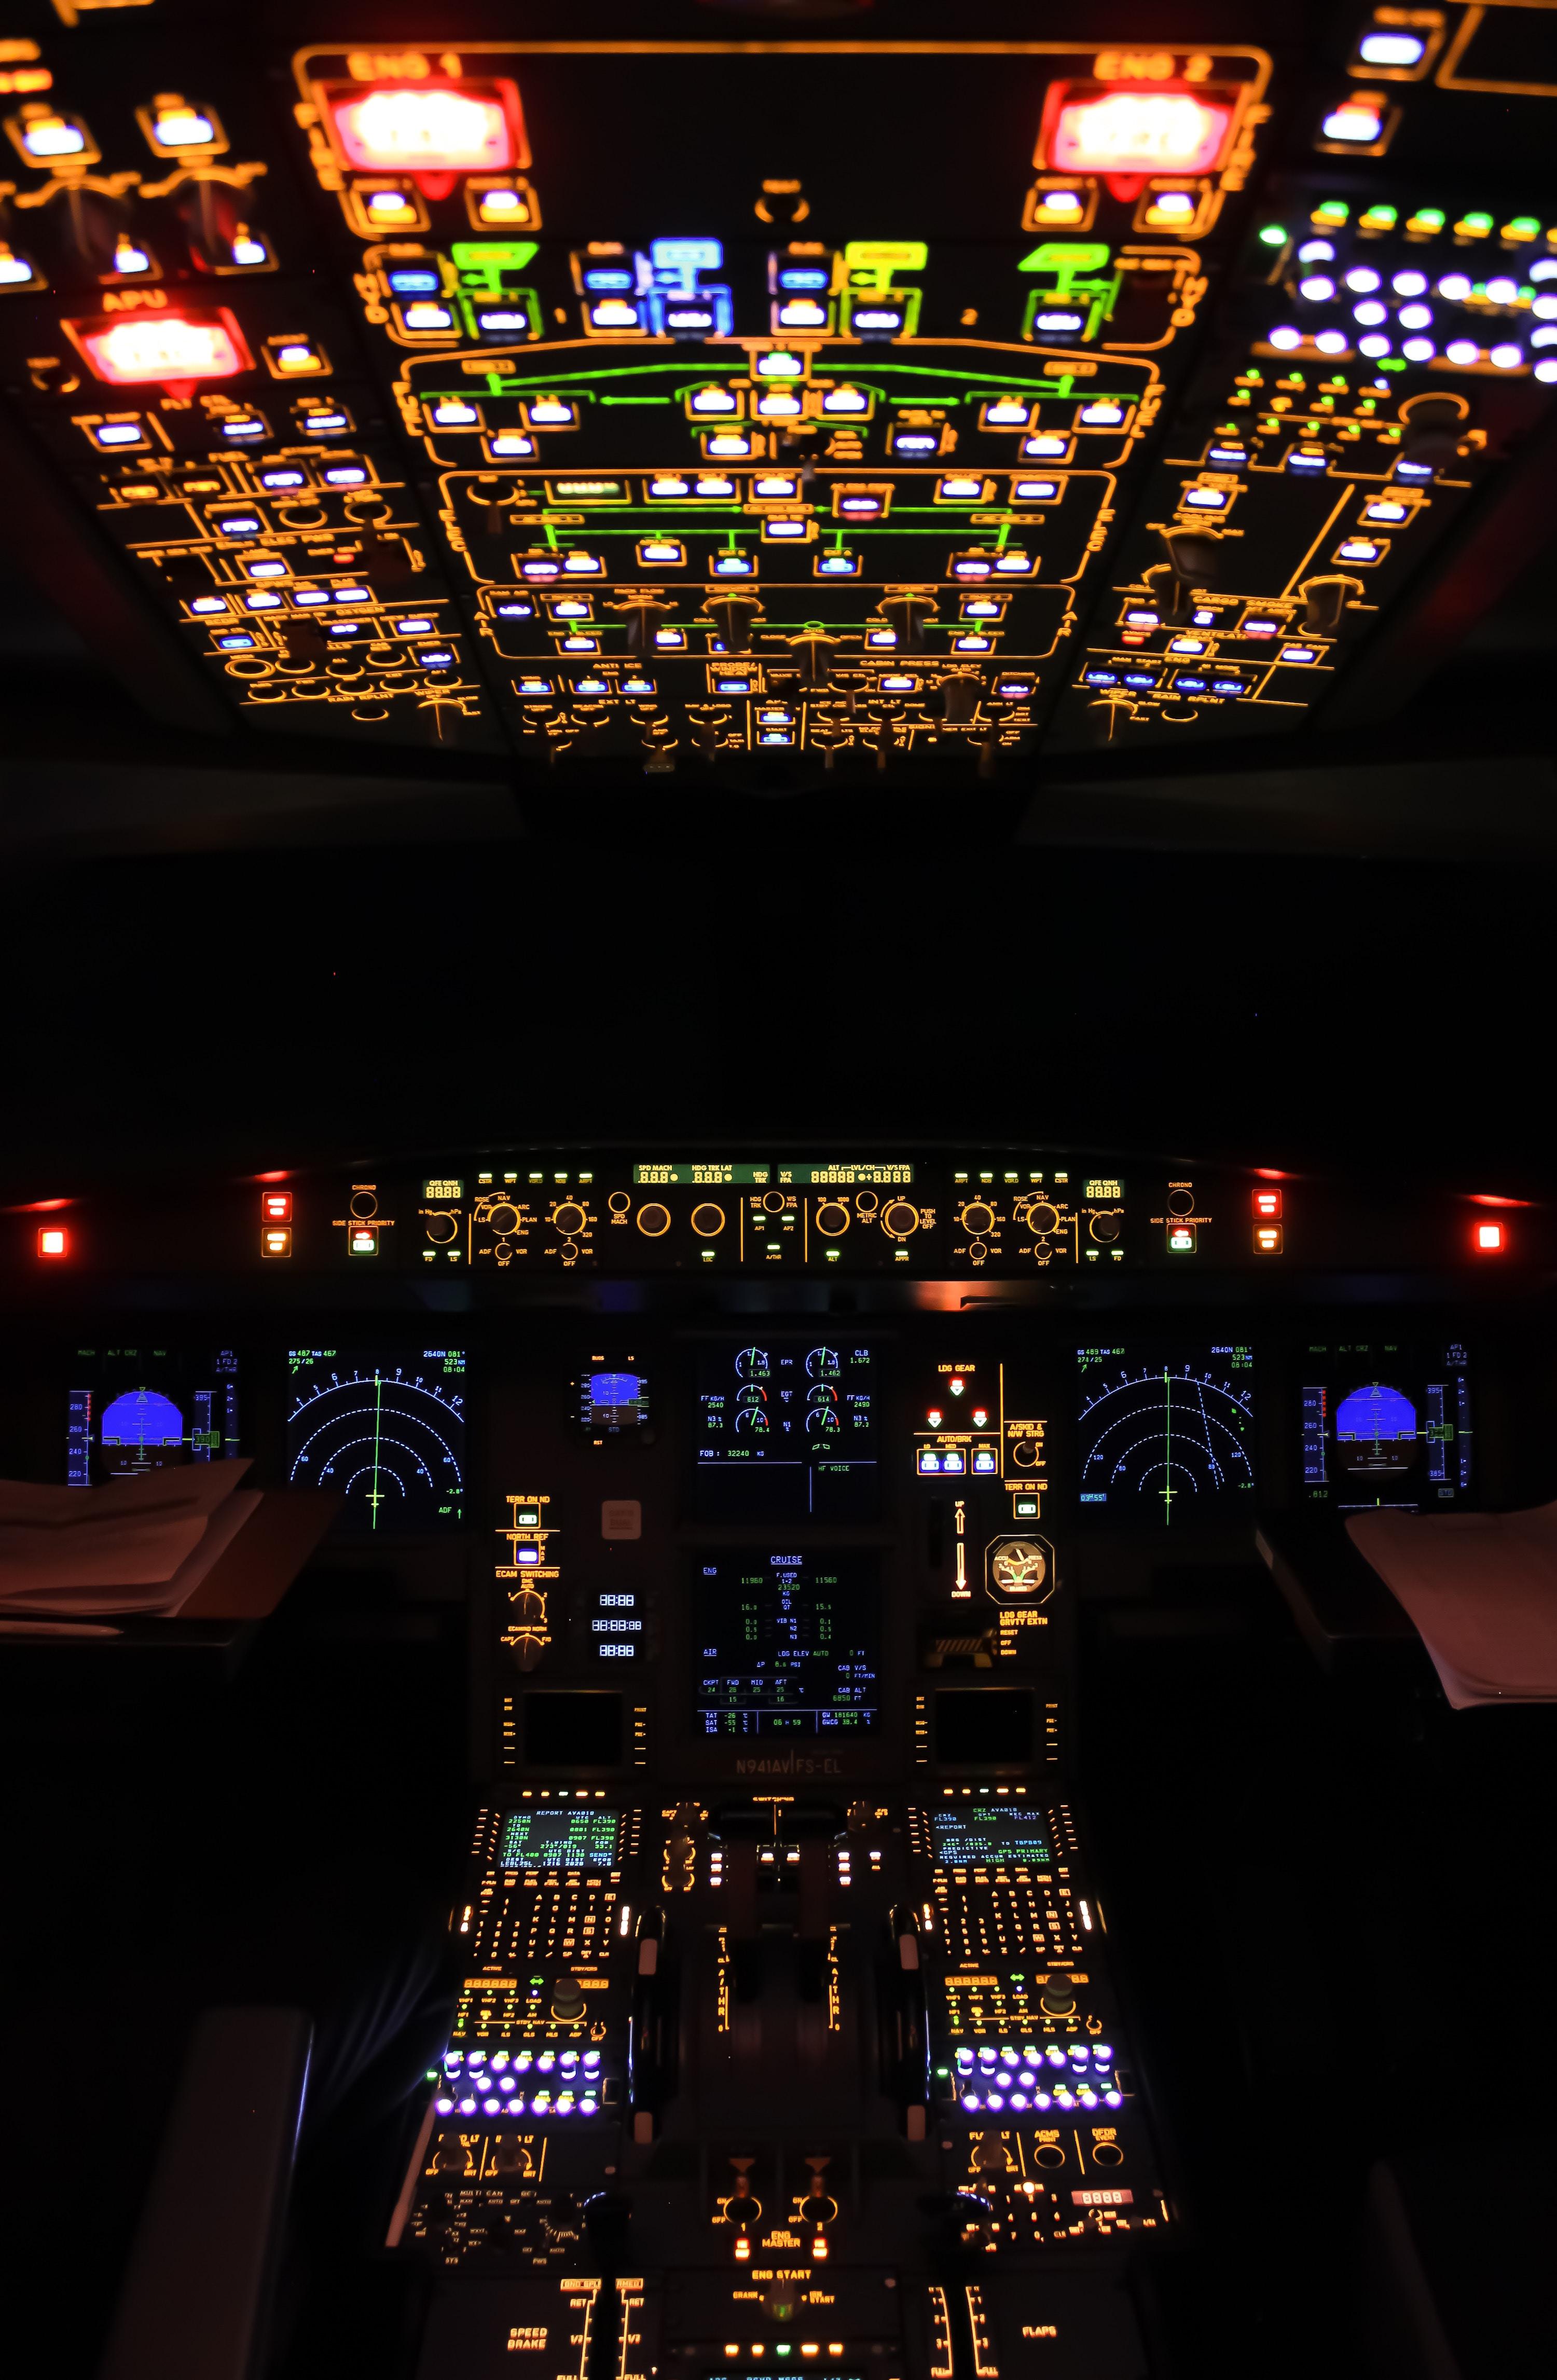 100088 Salvapantallas y fondos de pantalla Miscelánea en tu teléfono. Descarga imágenes de Miscelánea, Misceláneo, Avión, Panel De Control, Radares, Iluminar Desde El Fondo, Iluminación gratis